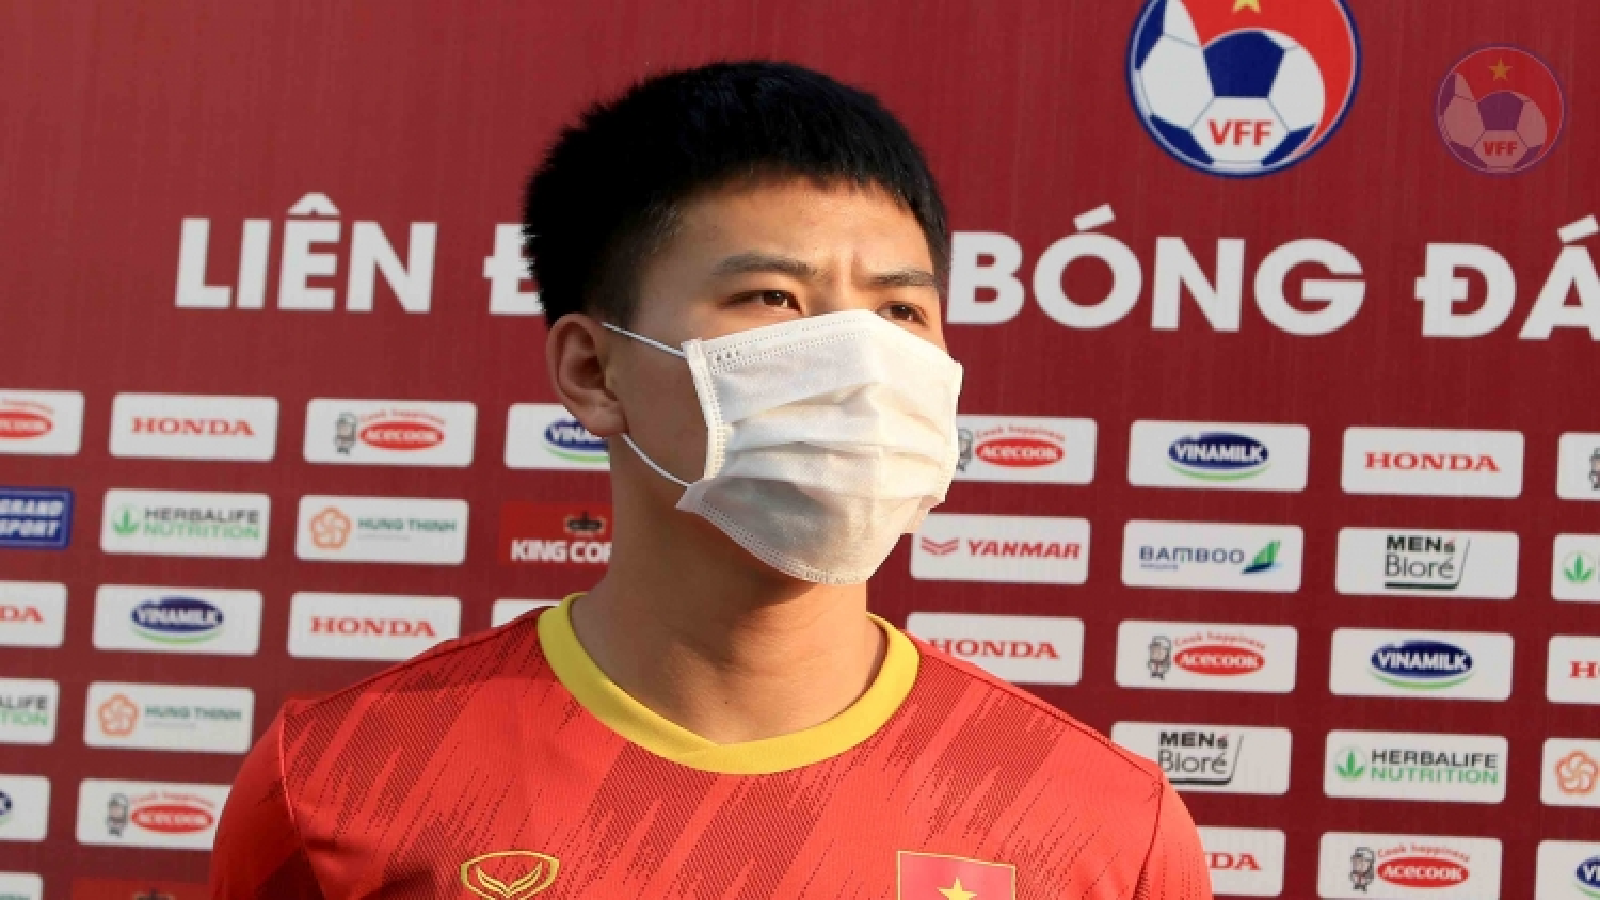 Tân binh ĐT Việt Nam chưa dám nghĩ tới suất tham dự vòng loại World Cup